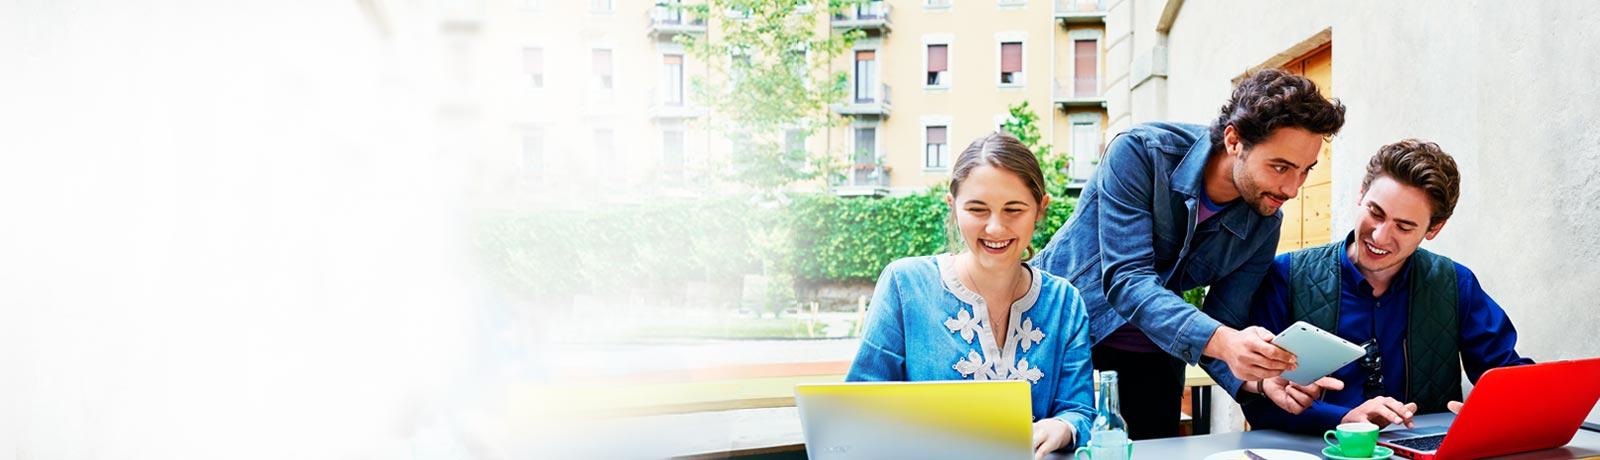 Žena a dva muži společně pracující na přenosných počítačích a tabletu v kavárně pod širým nebem.